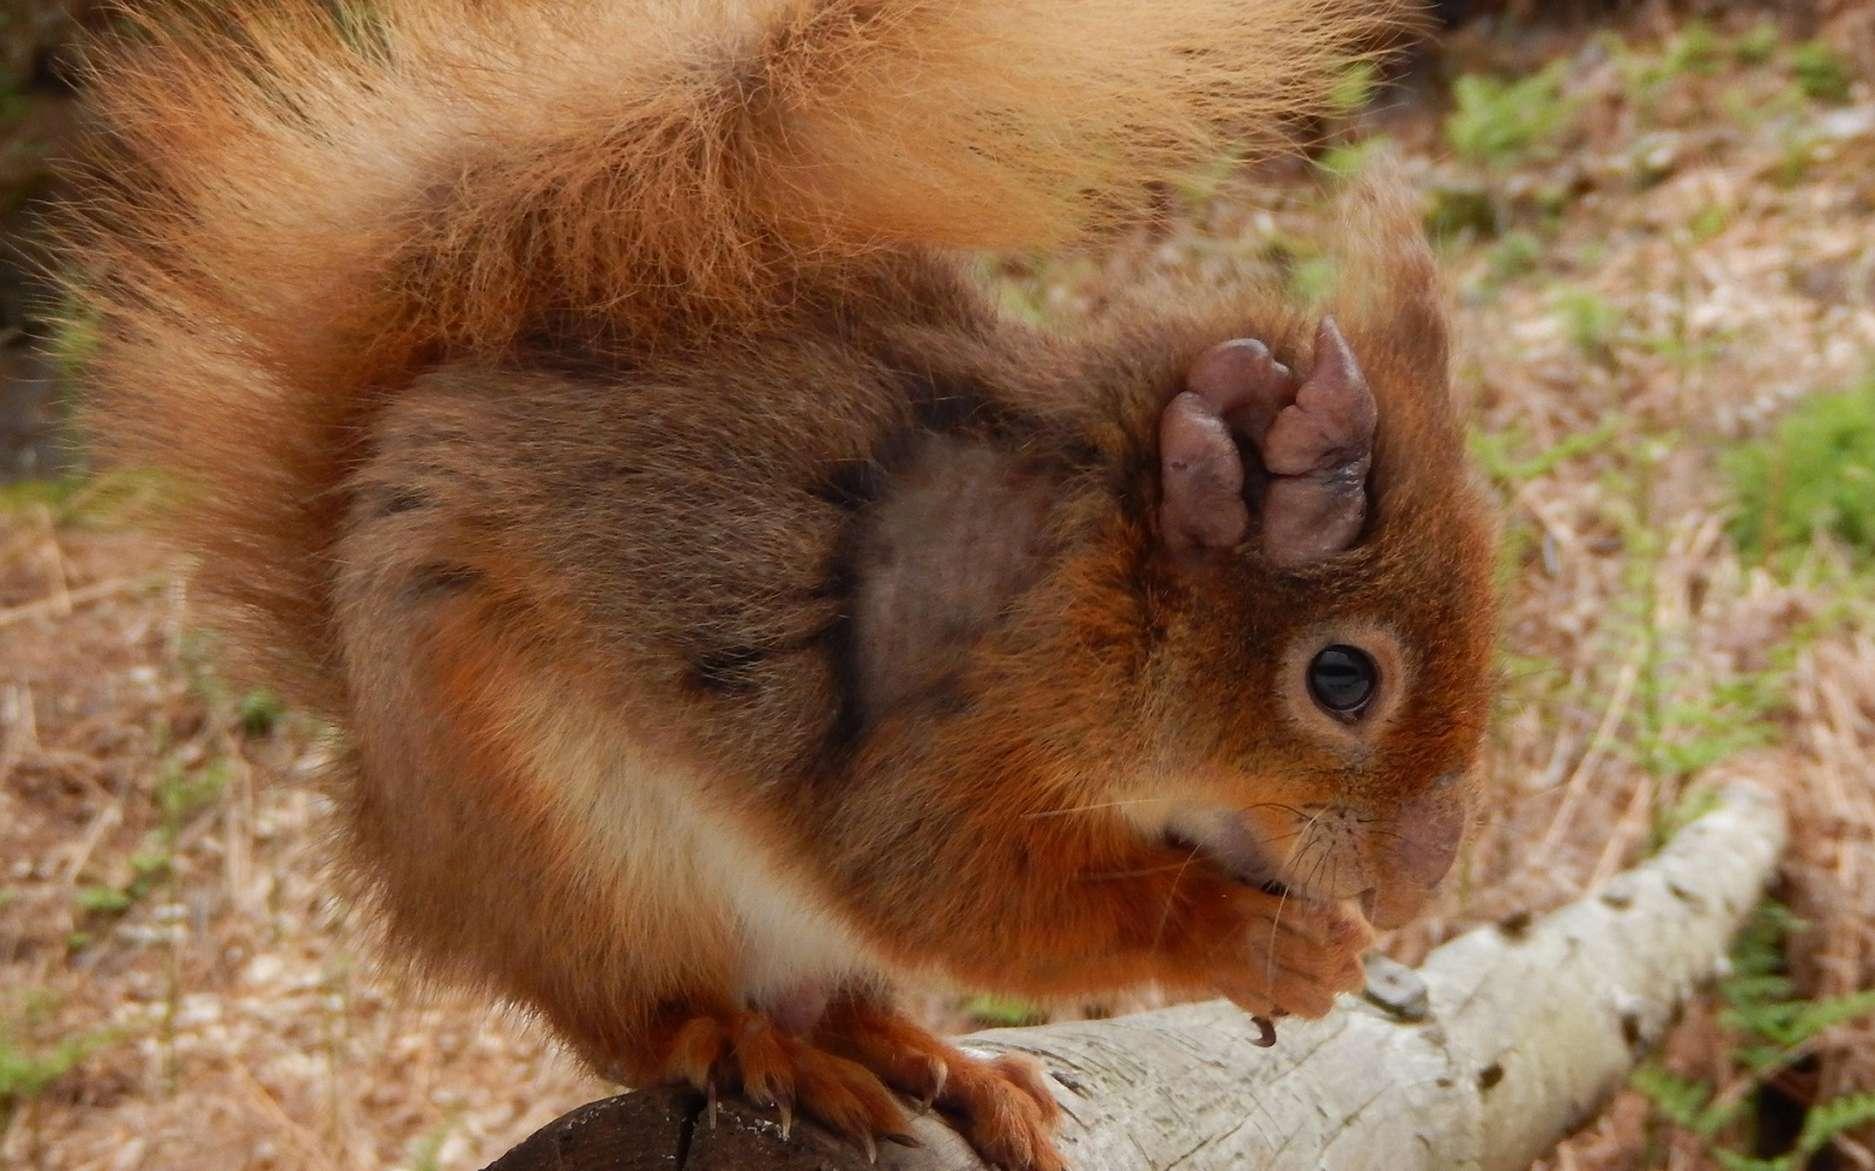 L'oreille de cet écureuil est attaquée par la lèpre. © Dorset Wildlife Trust, EPFL